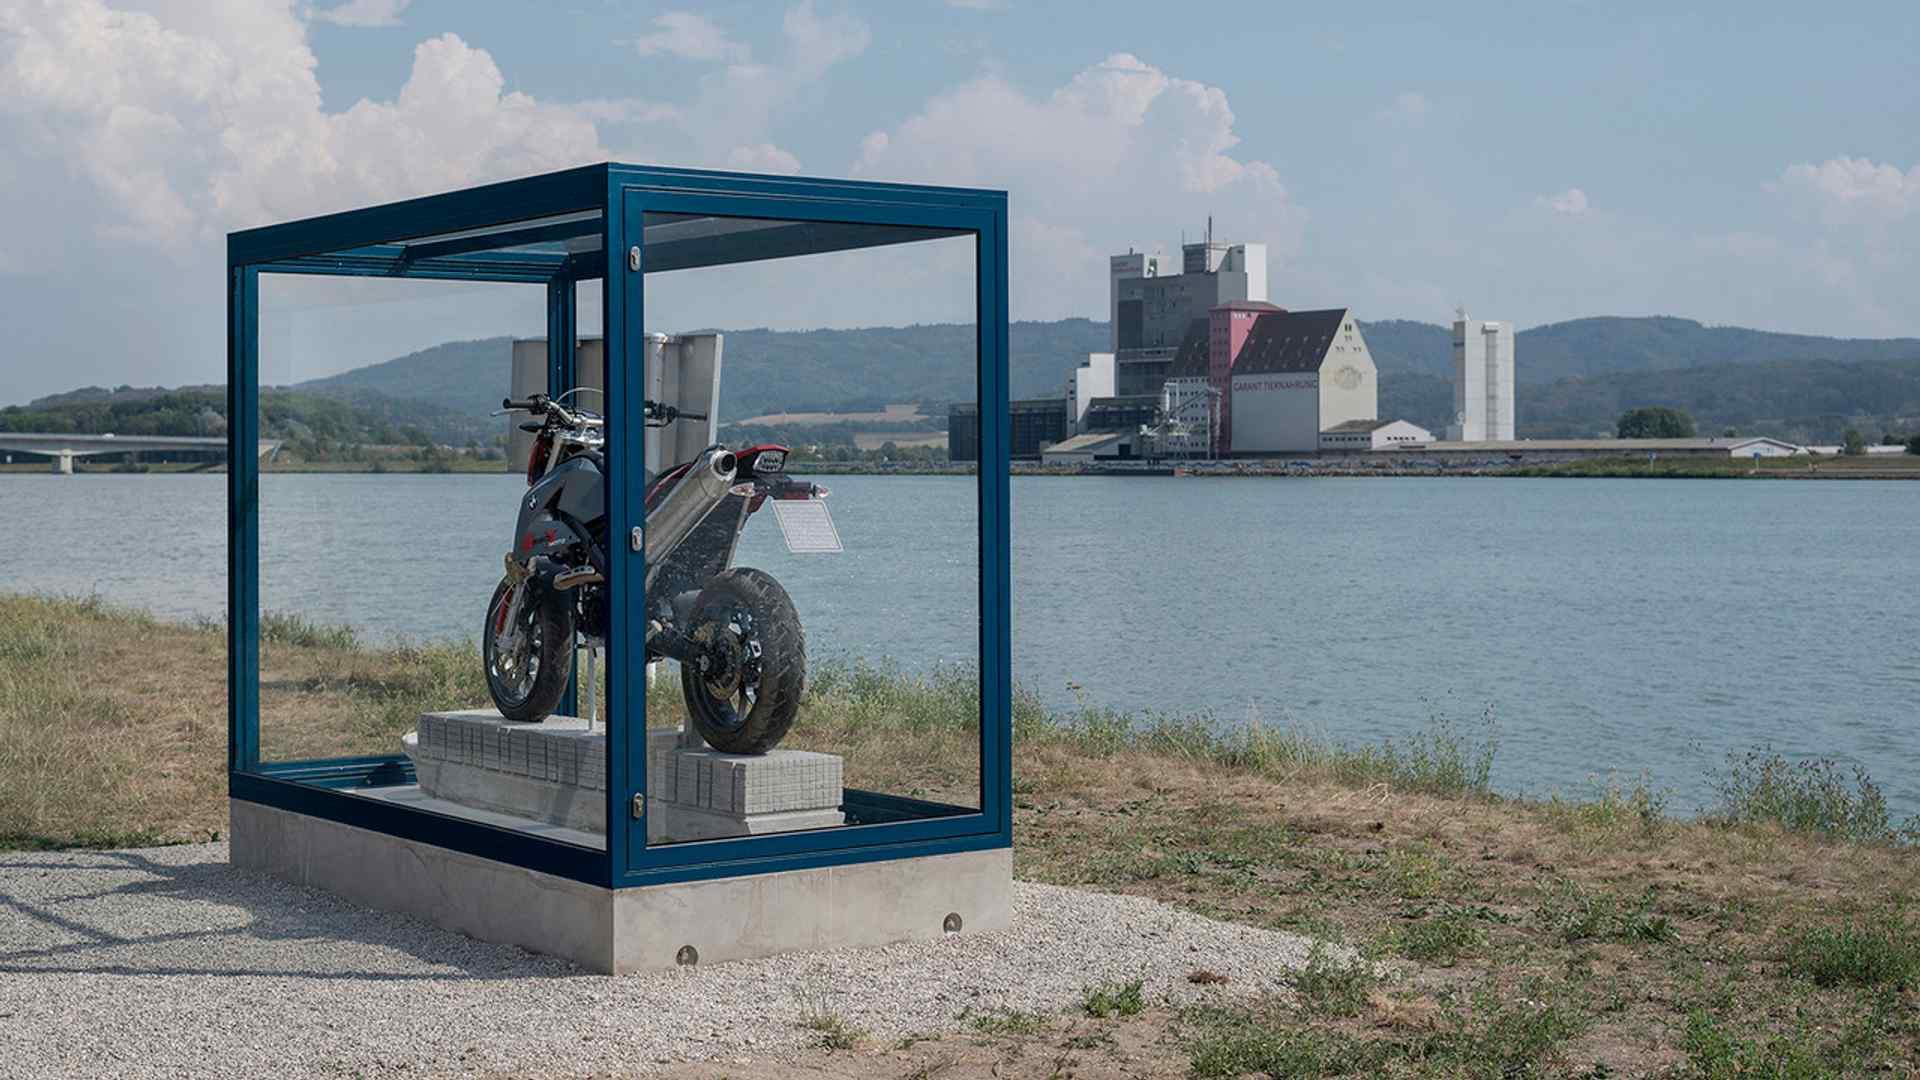 bmw-g650x-art-installation-5